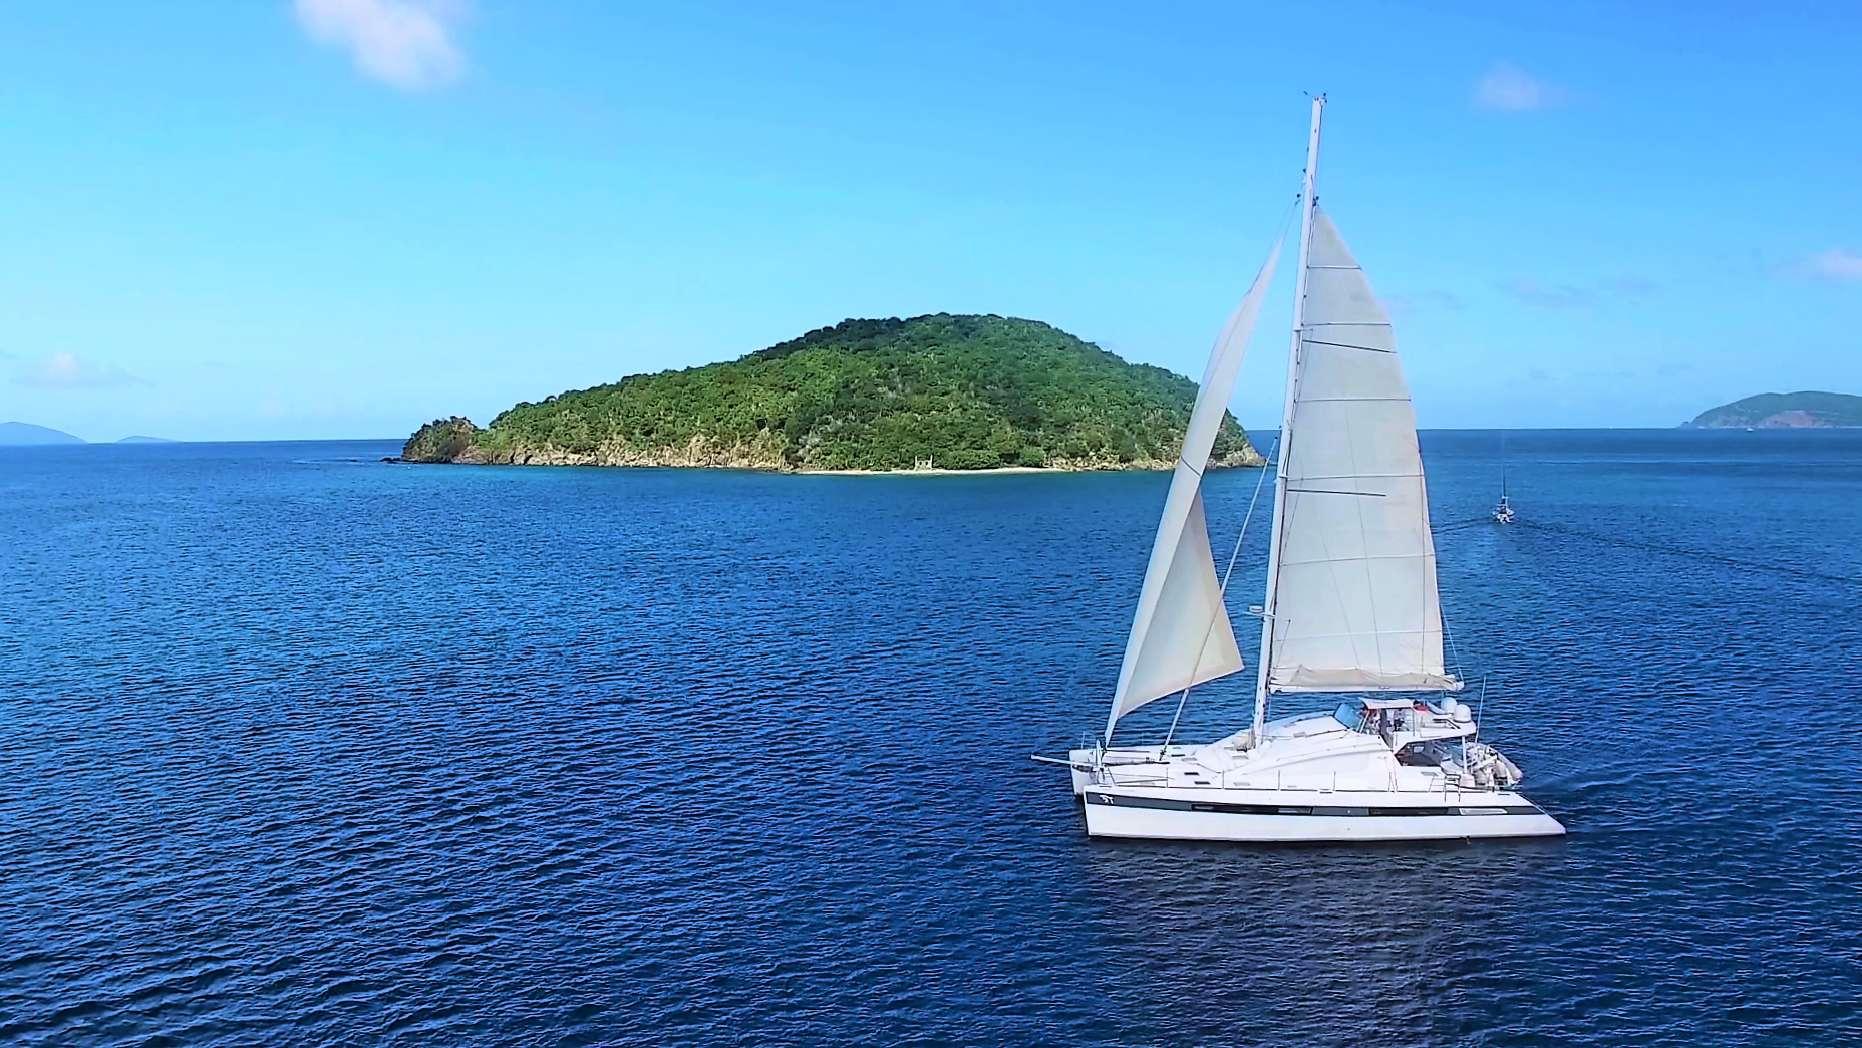 62ft Privilege sailing catamaran LUAR at sail in The Caribbean